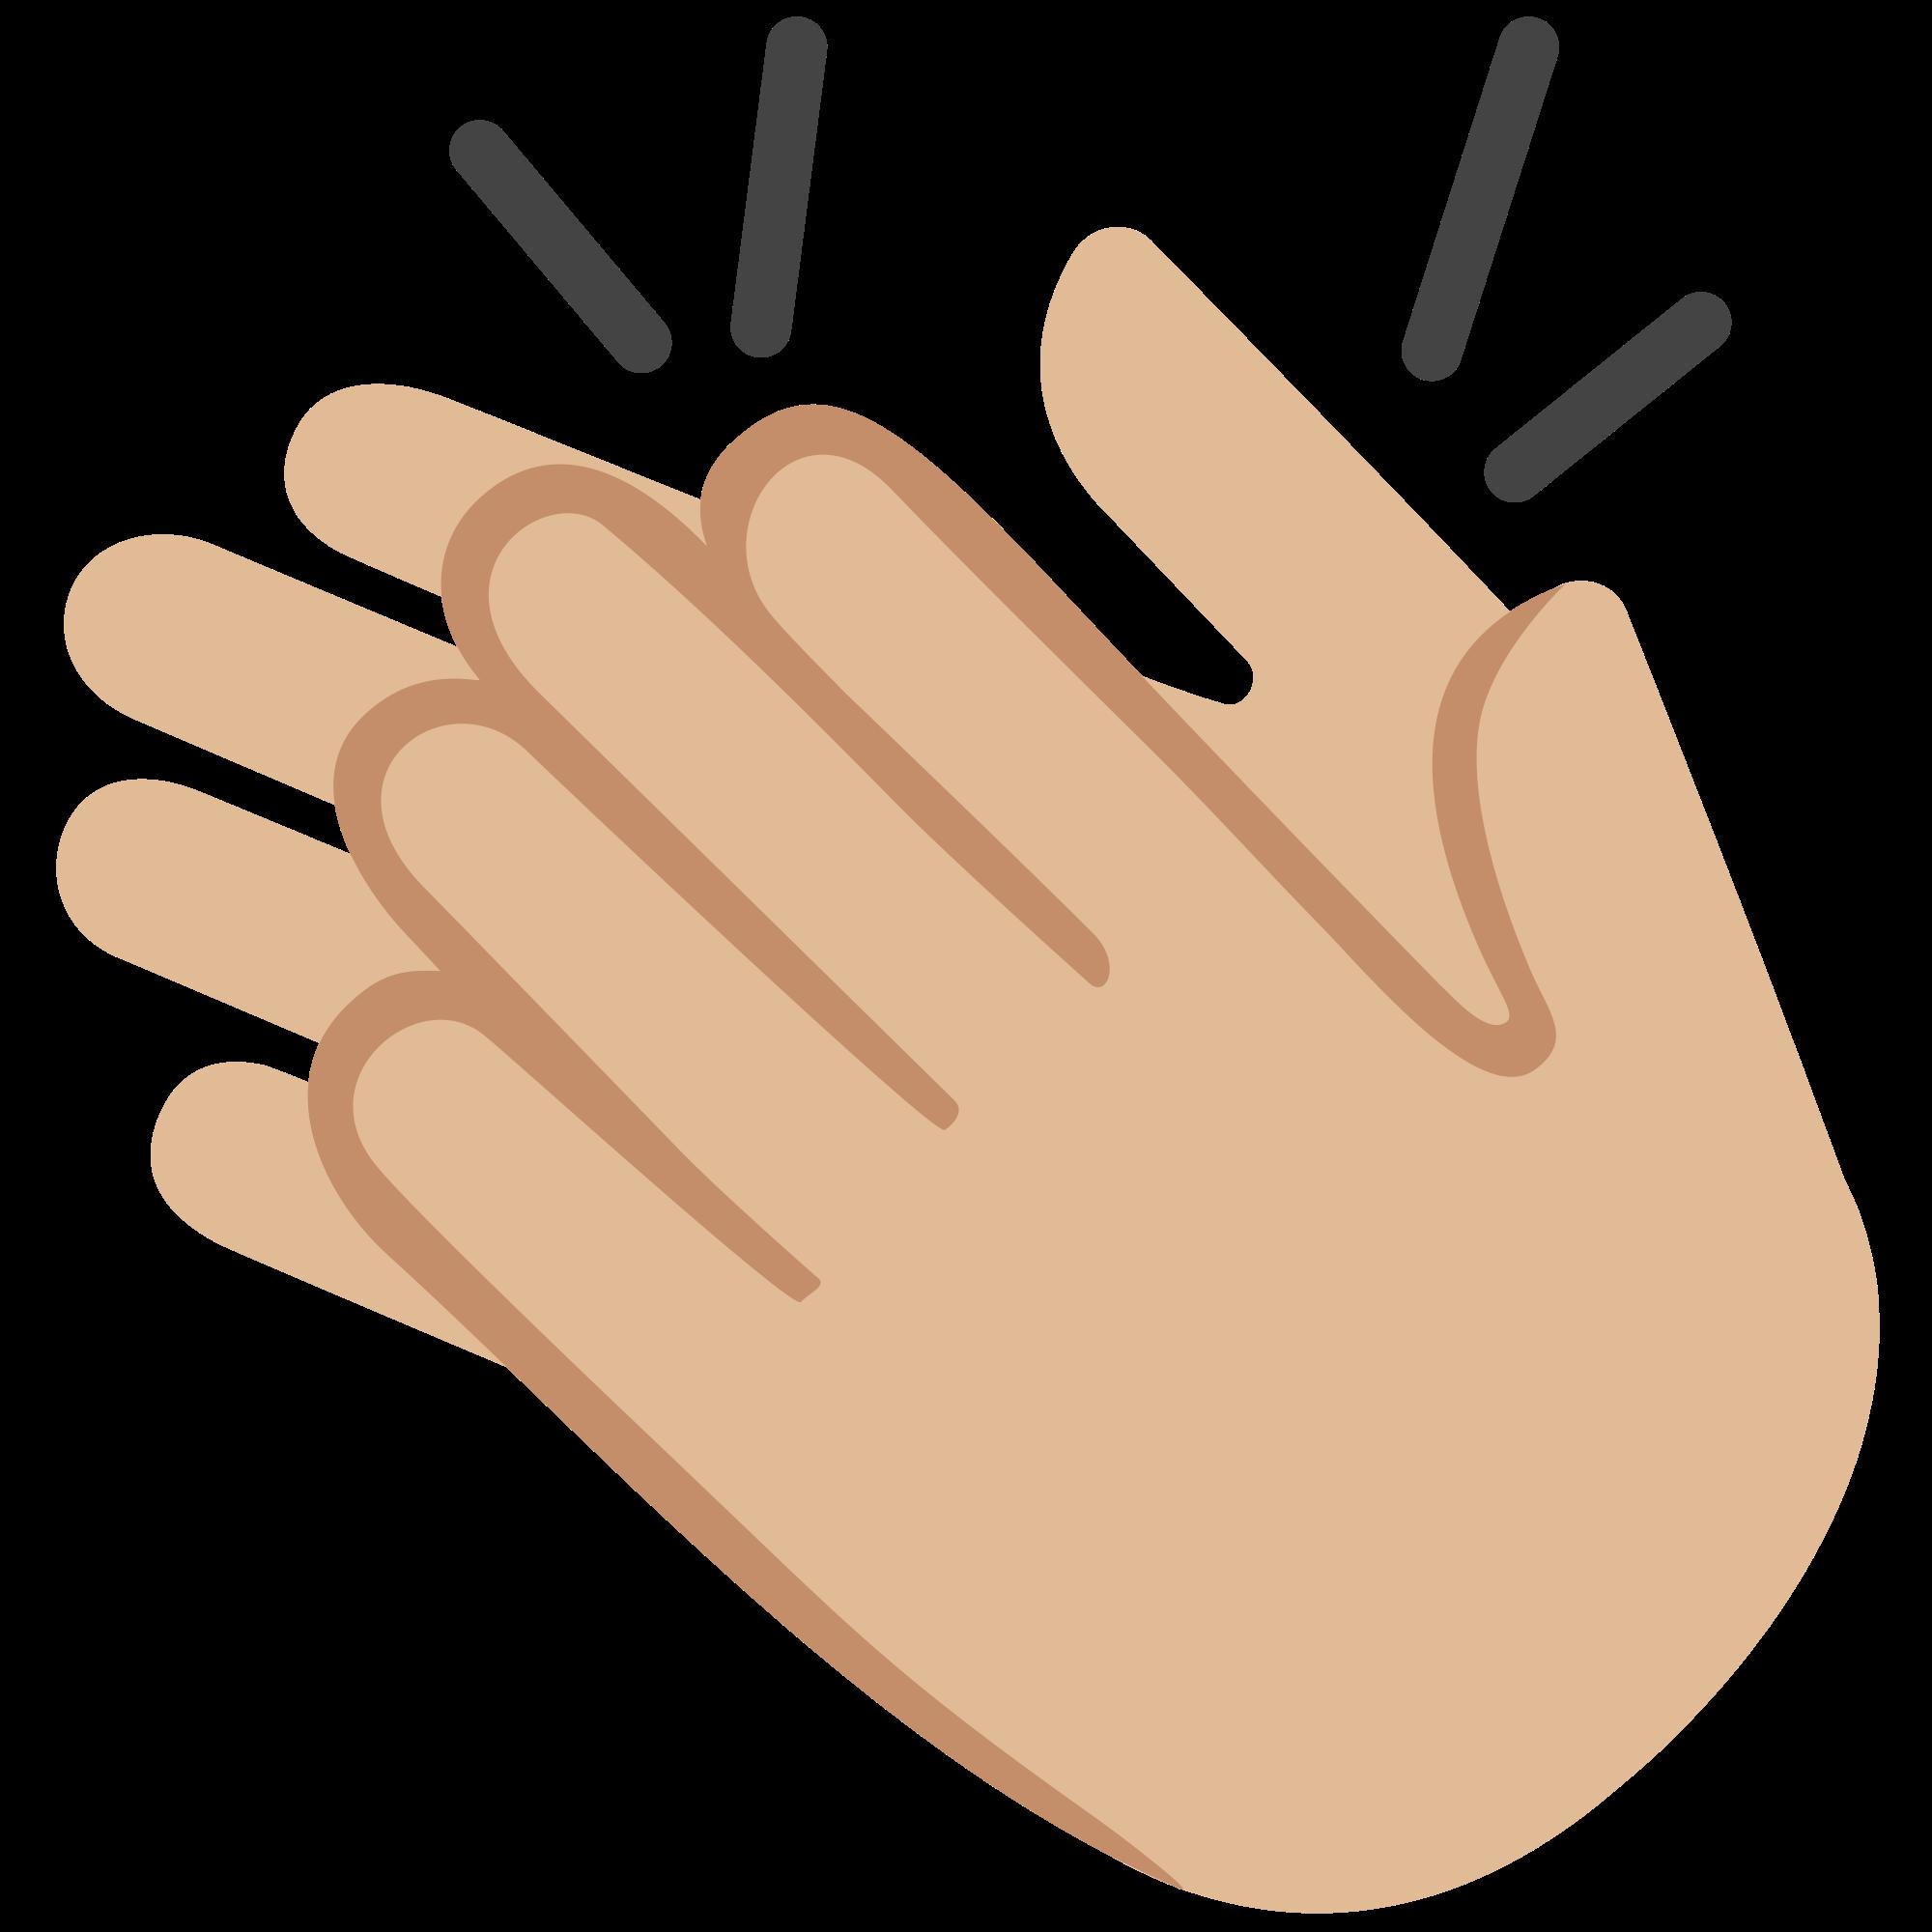 Clipart hand clapping. File emoji u f